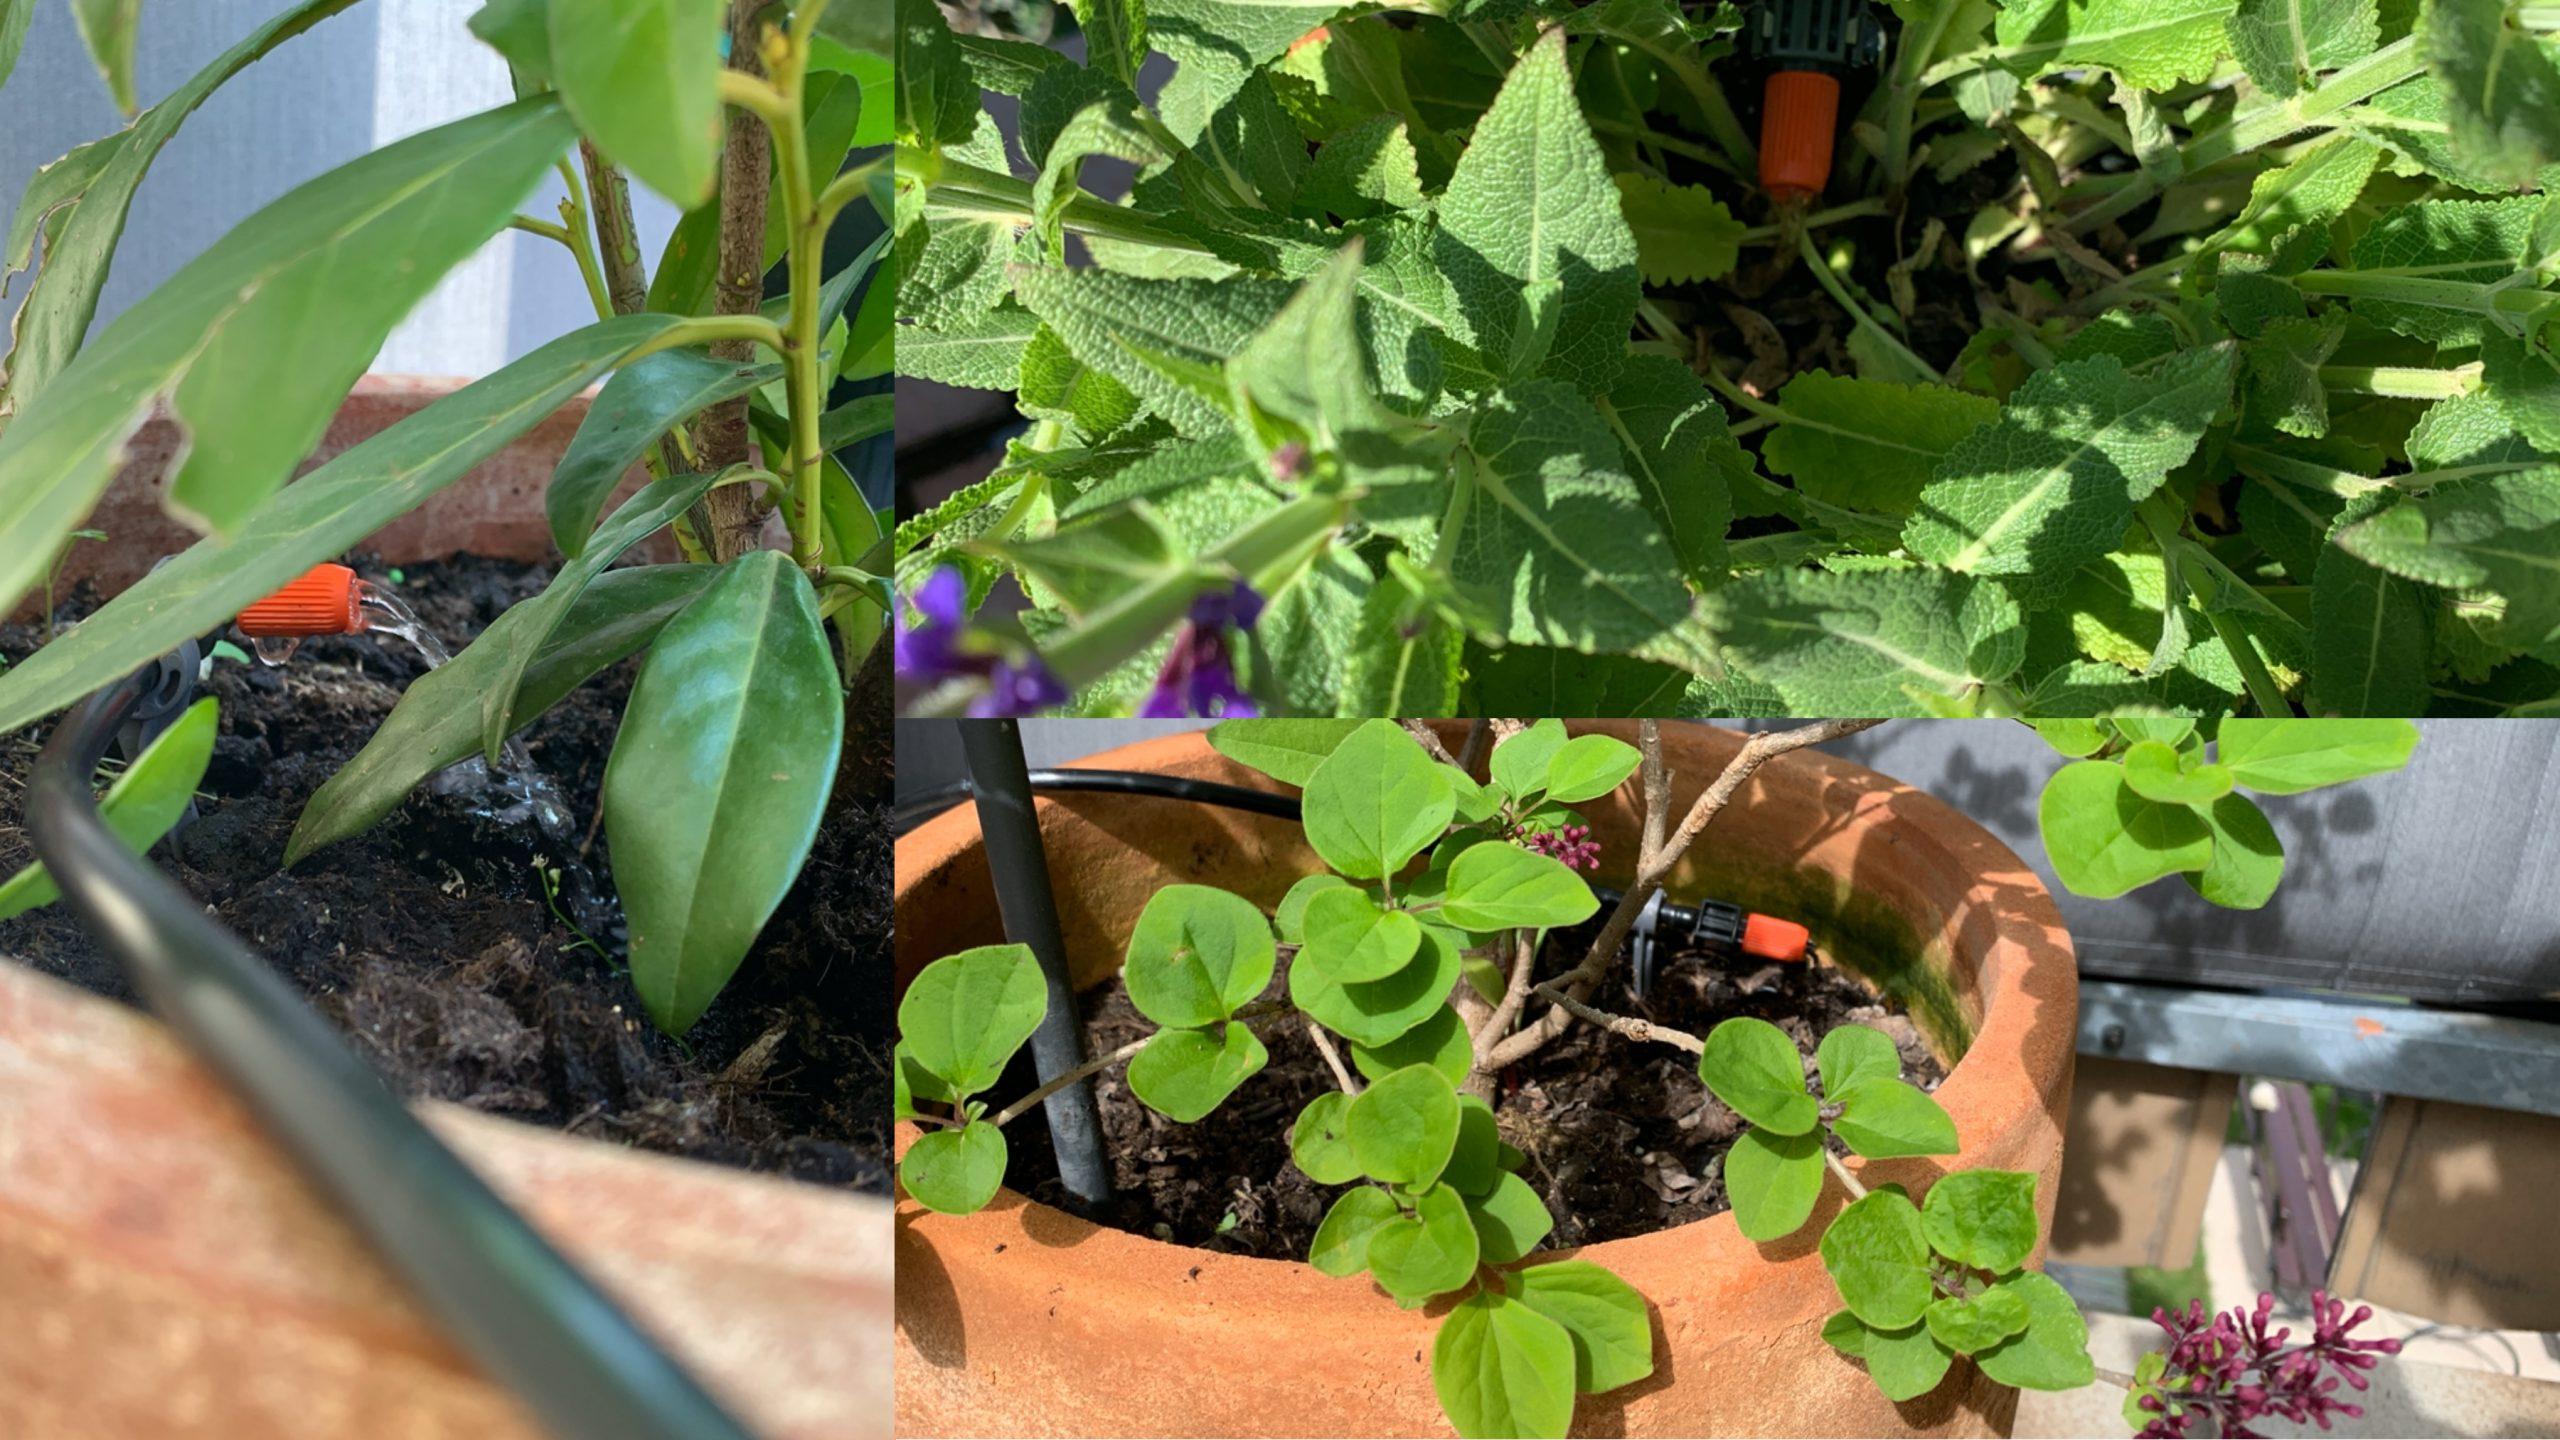 Full Size of Bewässerung Balkon Pflanzen Auf Terrasse Automatisiert Mit Apple Homekit Bewssern Garten Automatisch Bewässerungssysteme Test Bewässerungssystem Wohnzimmer Bewässerung Balkon